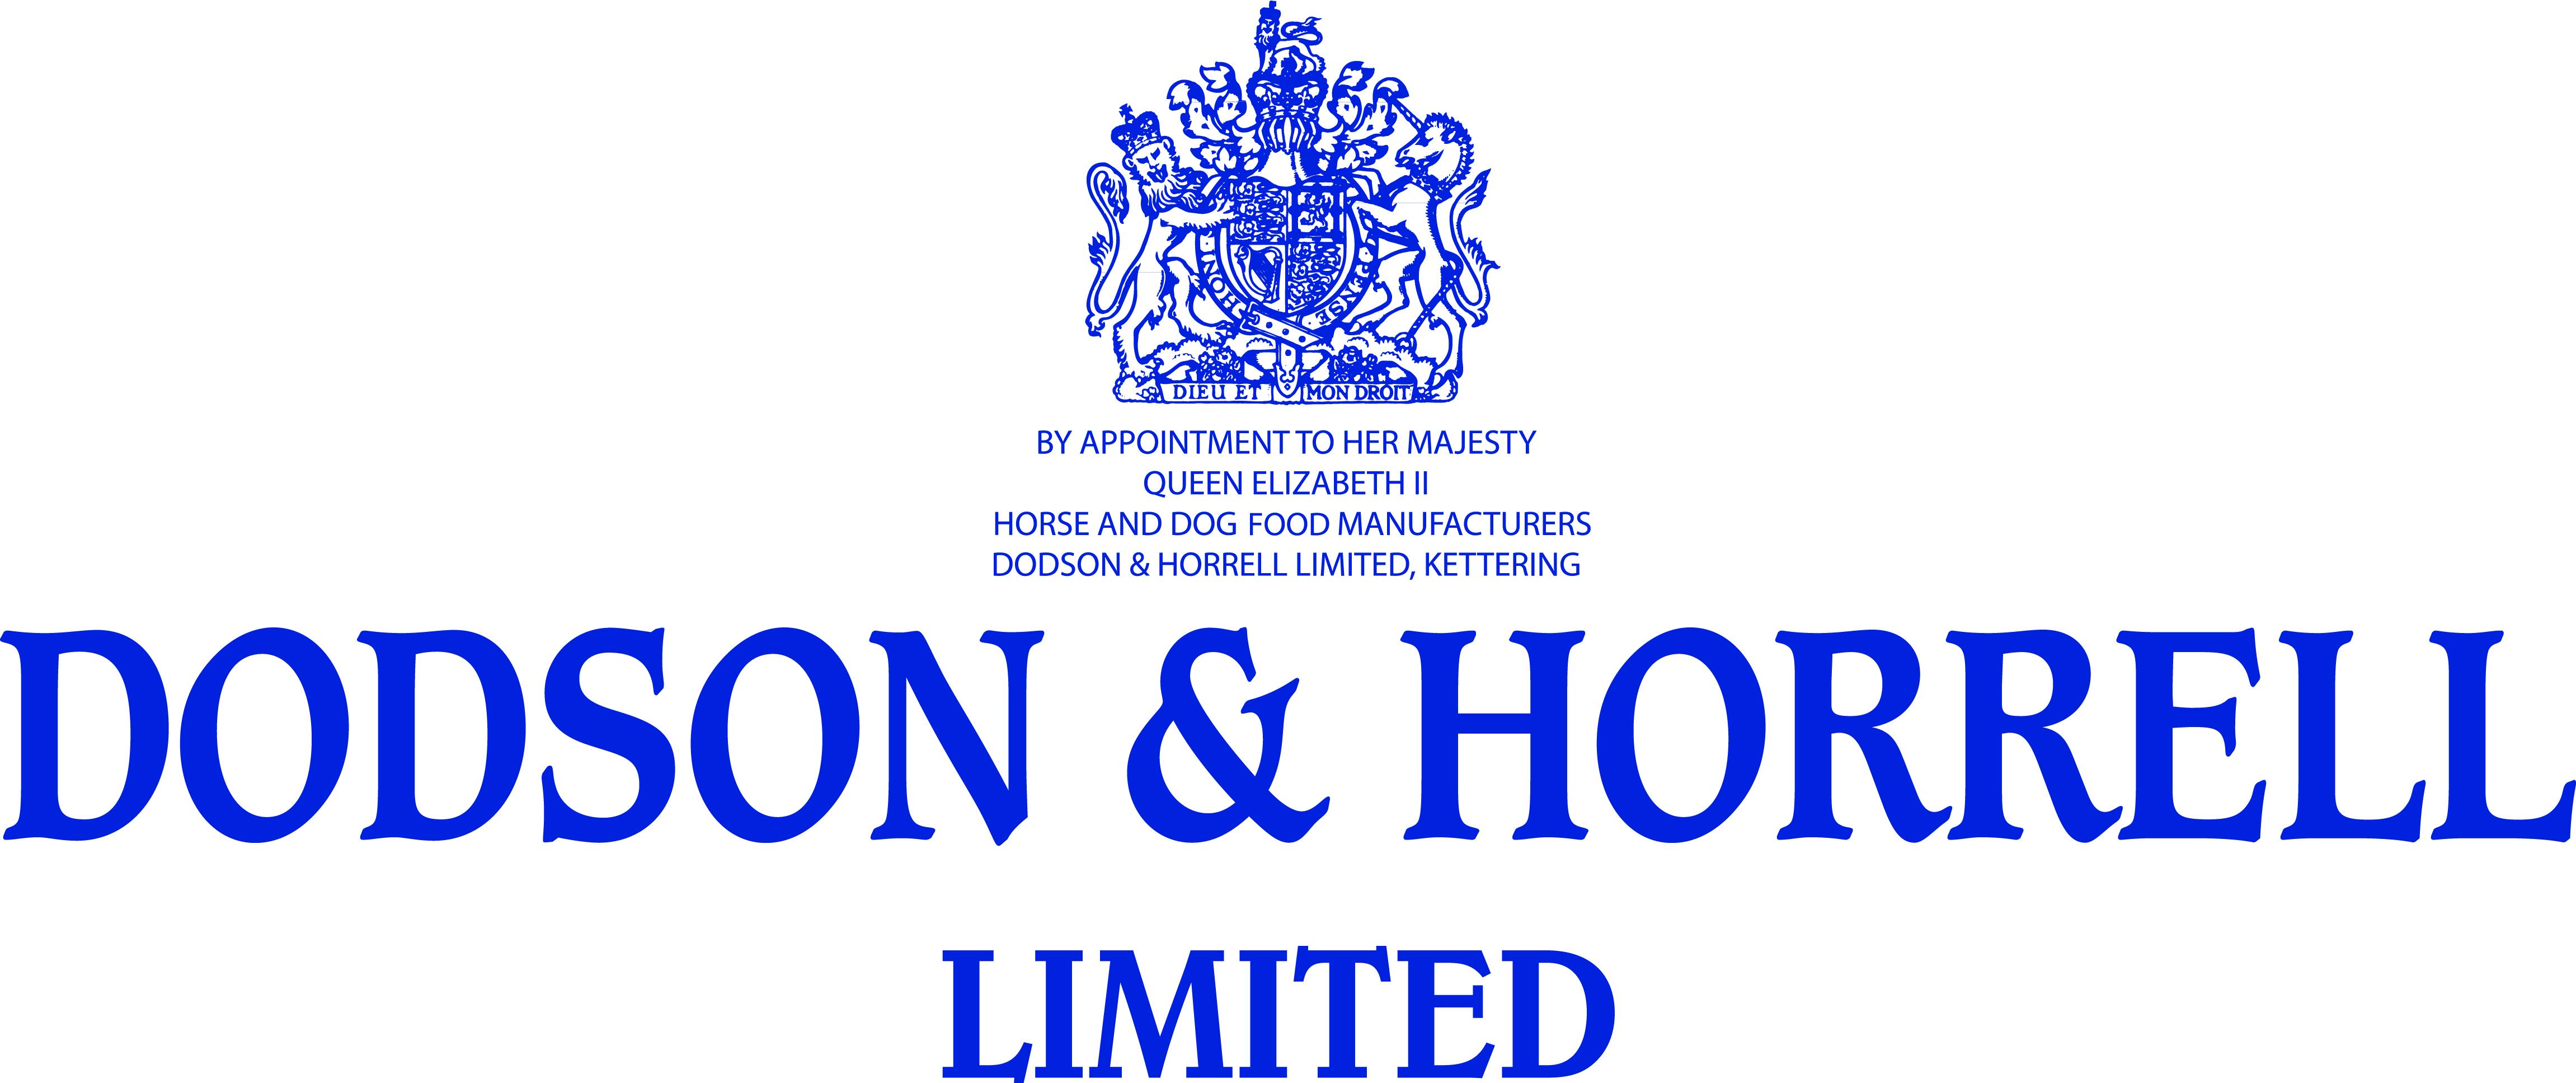 https://www.sealsfodder.co.uk/wp-content/uploads/2018/10/Dodson-Horrell-Logo.jpg